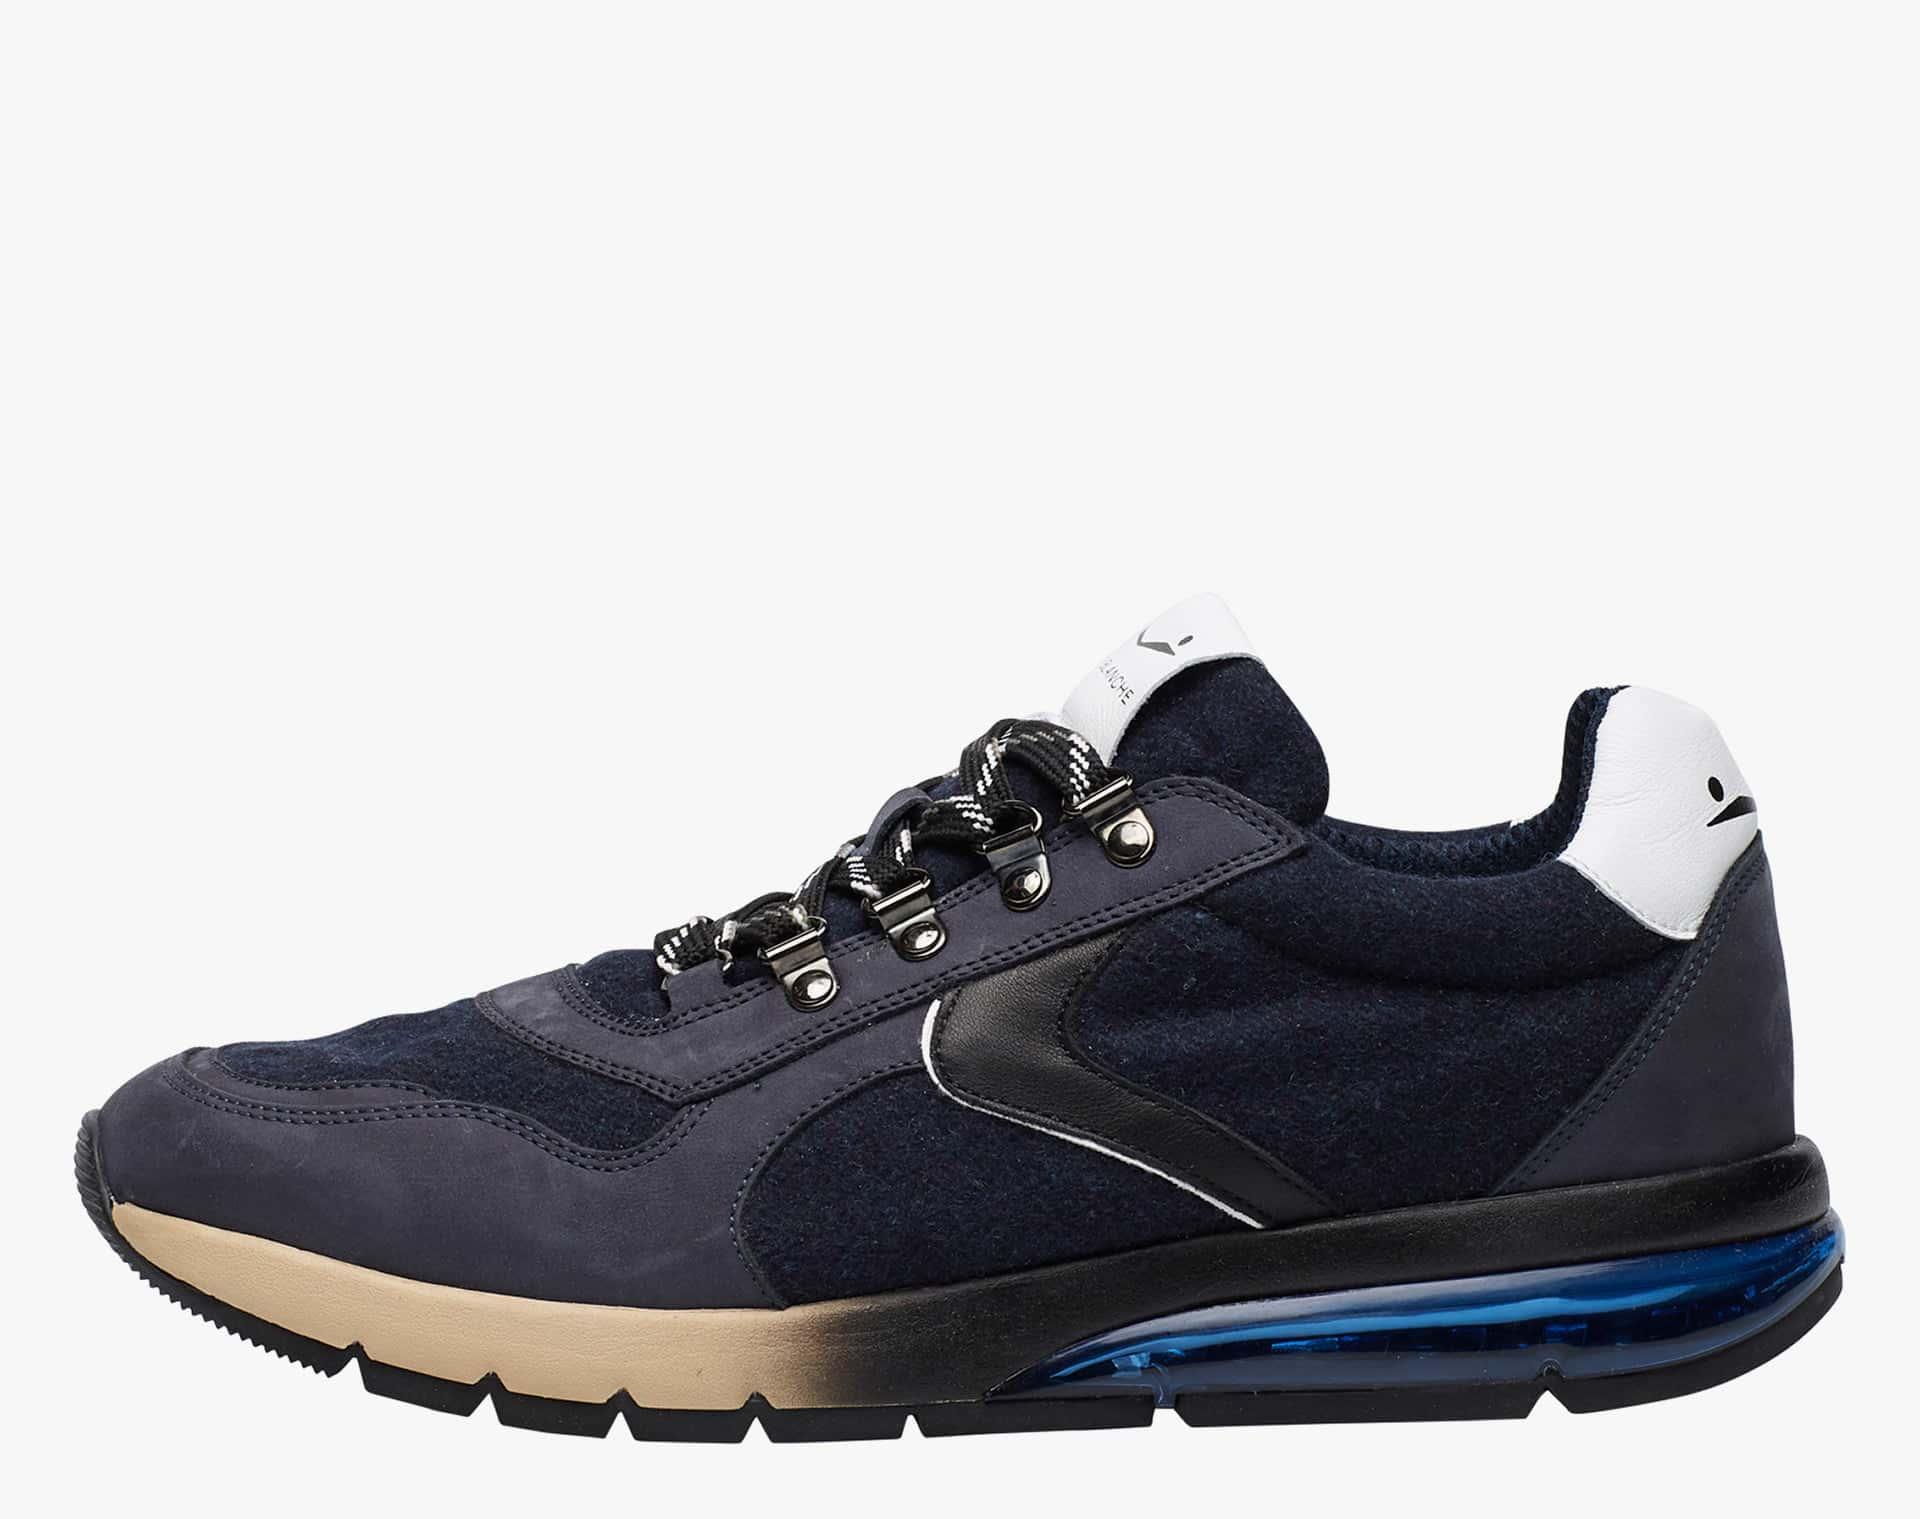 NEW LENNY HOOK - Sneaker con dettagli trek - Blu